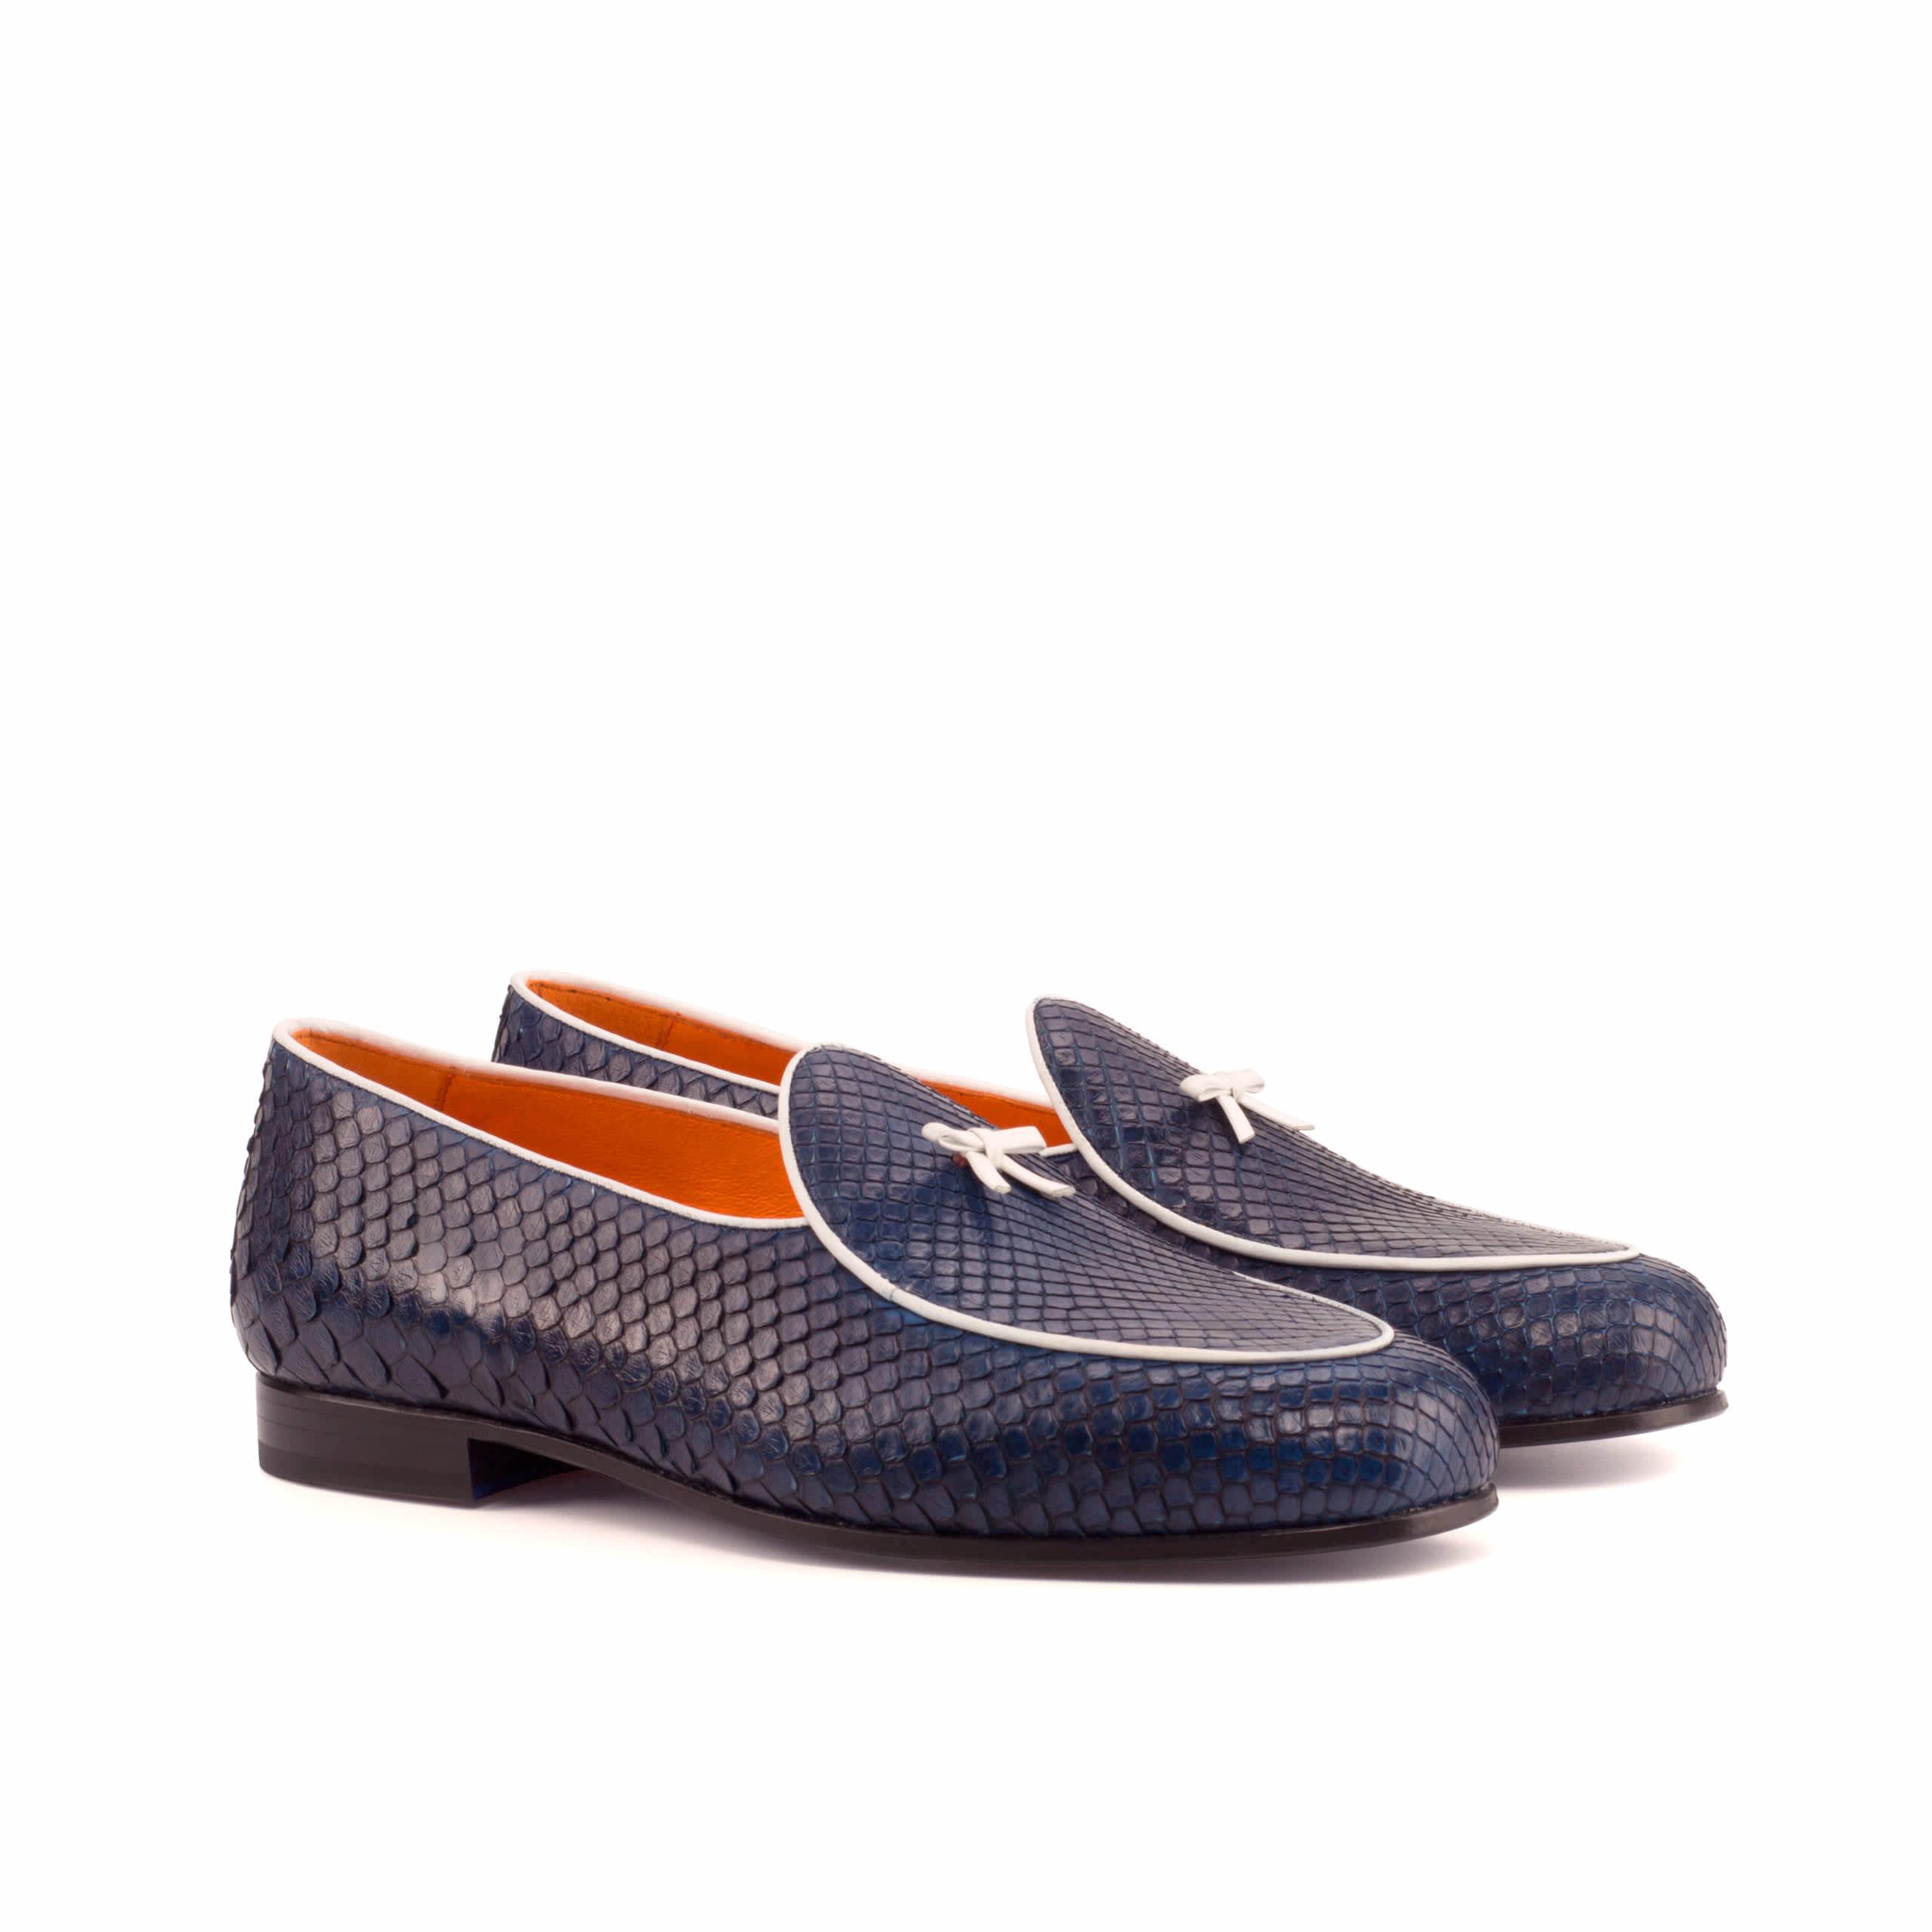 Exotic Skins Belgian Slipper Shoe